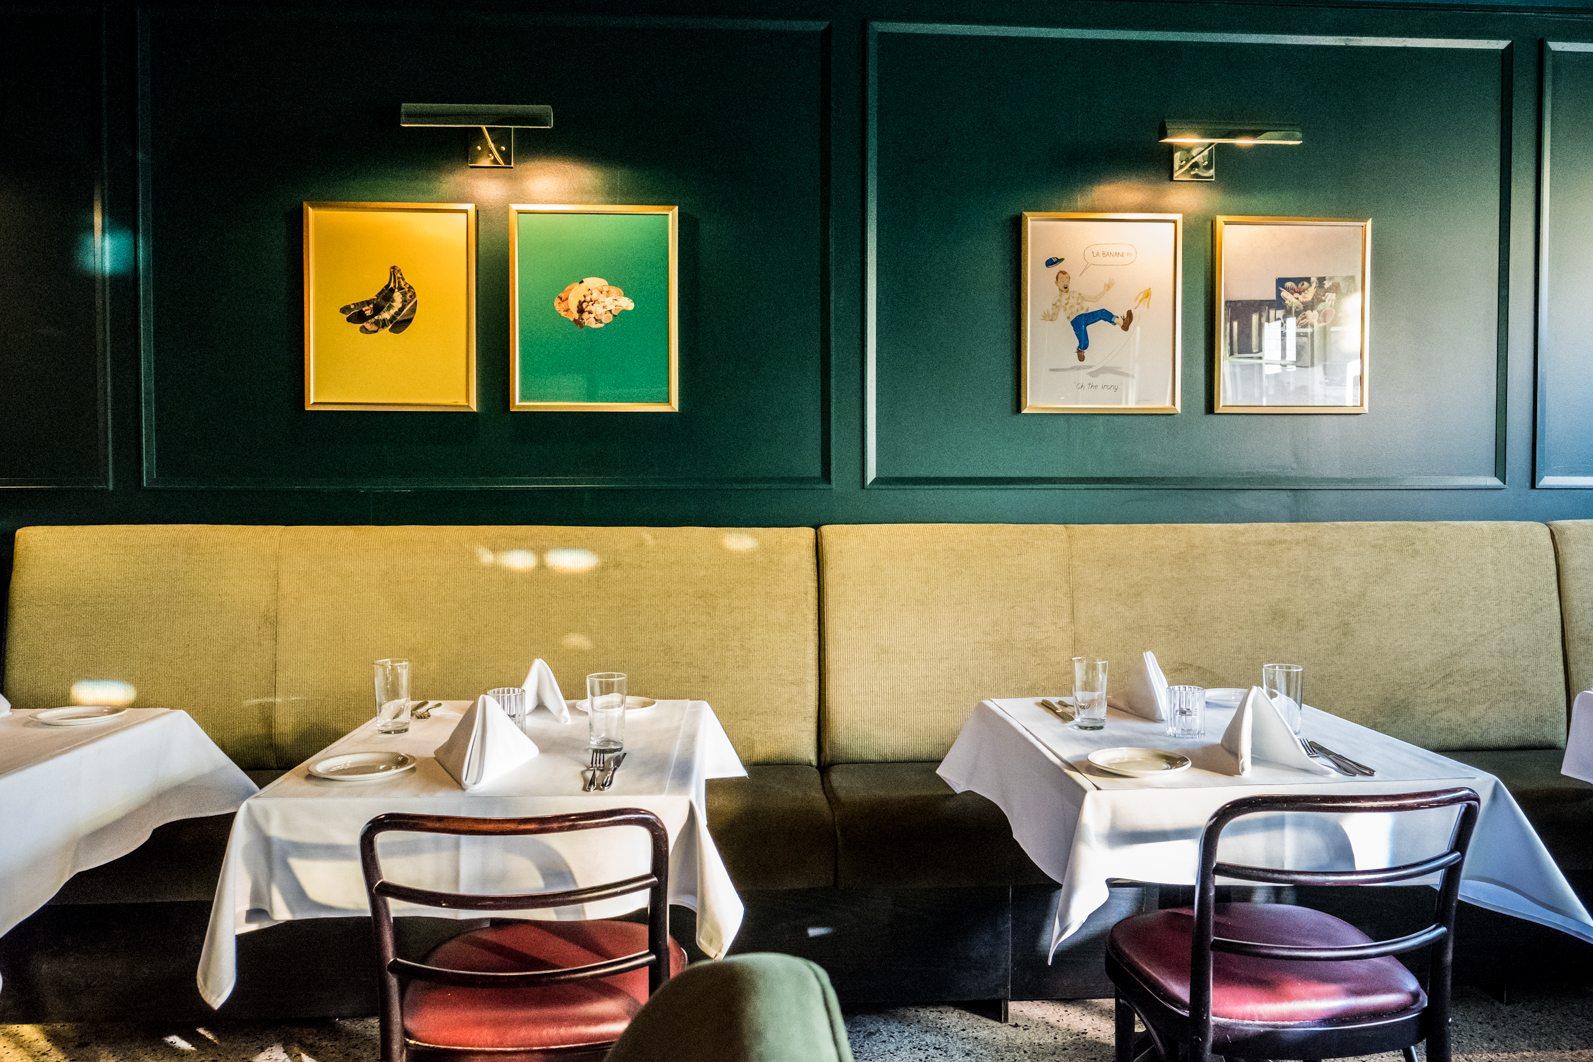 toronto-restaurants-la-banane-ossington-brandon-olsen-french-art-1